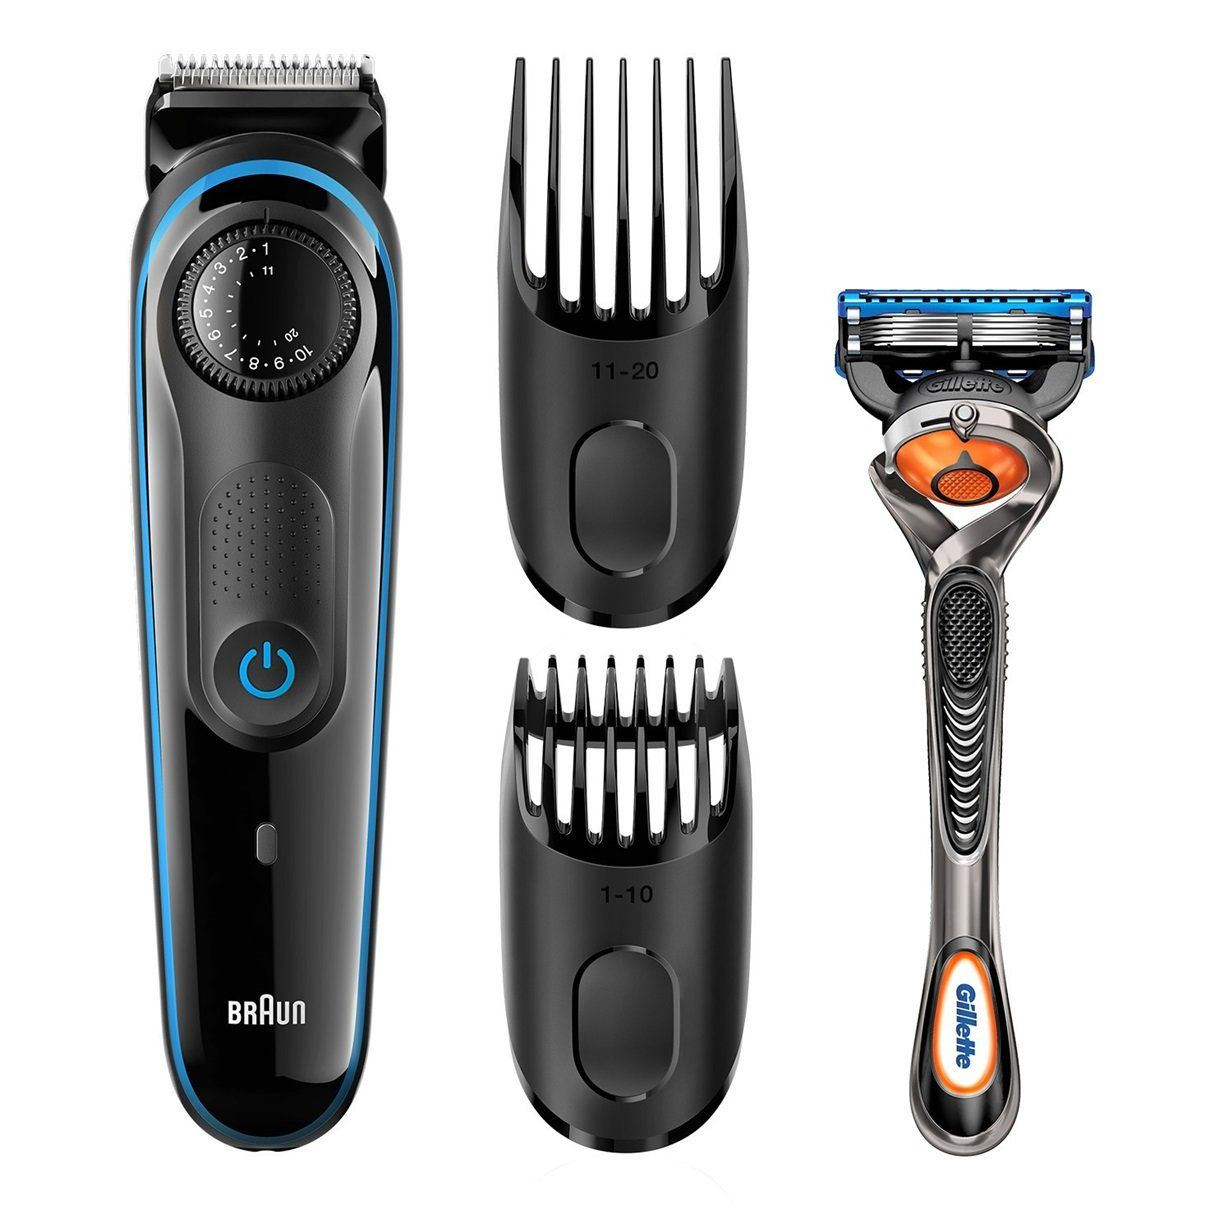 Профессиональные триммеры для стрижки и удаления волос от ведущих производителей в интернет-магазине «joypet».